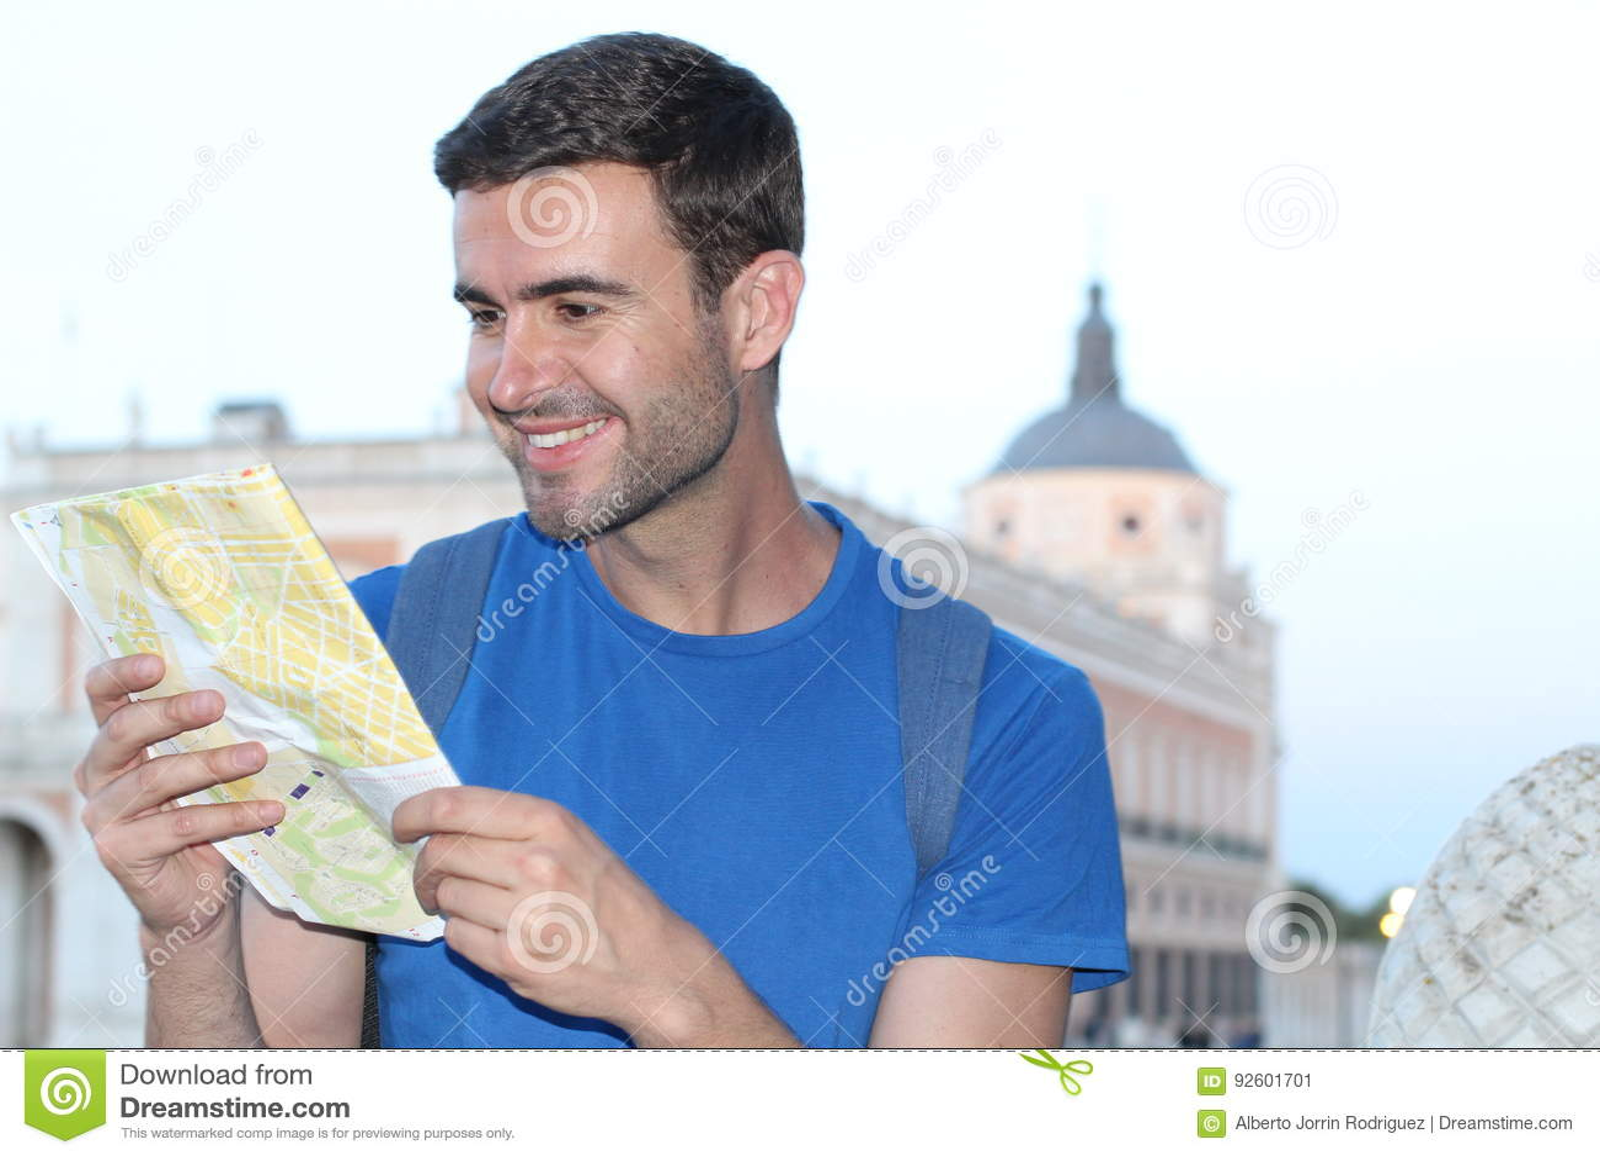 Mapa alegre da leitura do turista com espaço da cópia